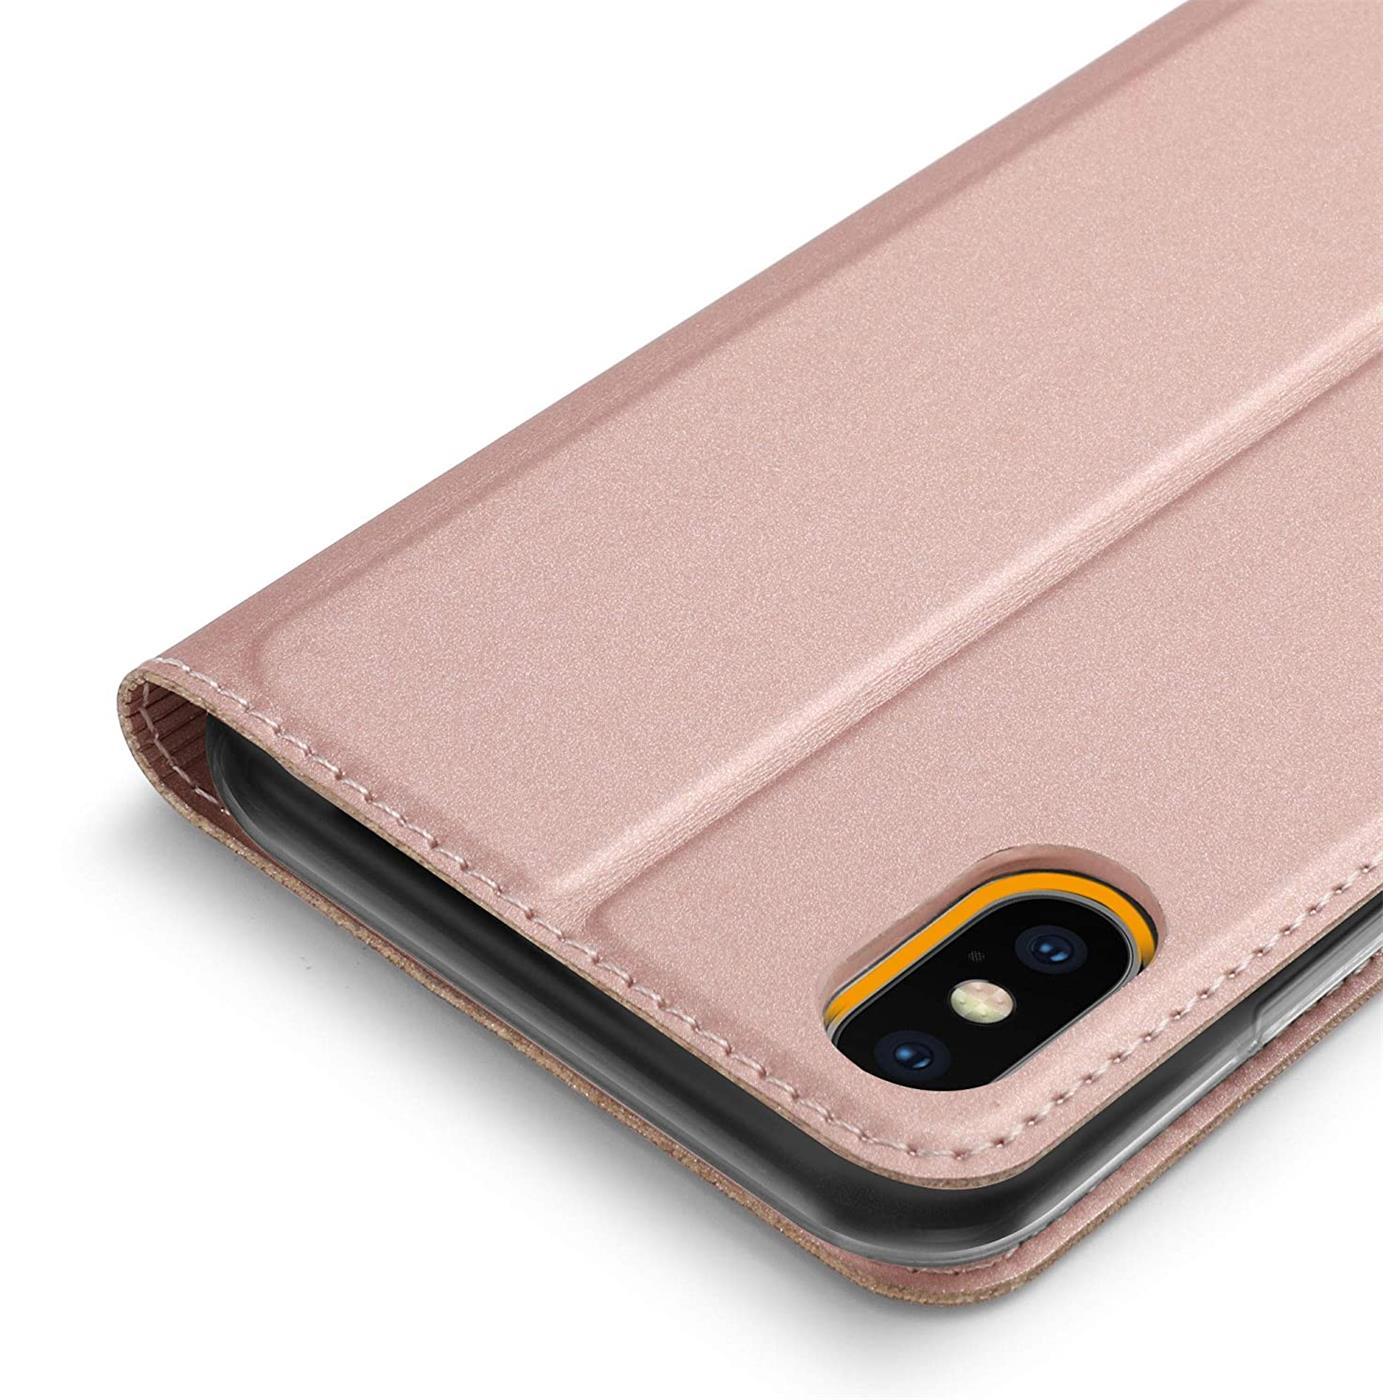 Handyhuelle-Klapp-Tasche-Etui-Schutz-Huelle-Slim-Flip-Cover-Book-Bag-Case-Wallet Indexbild 29